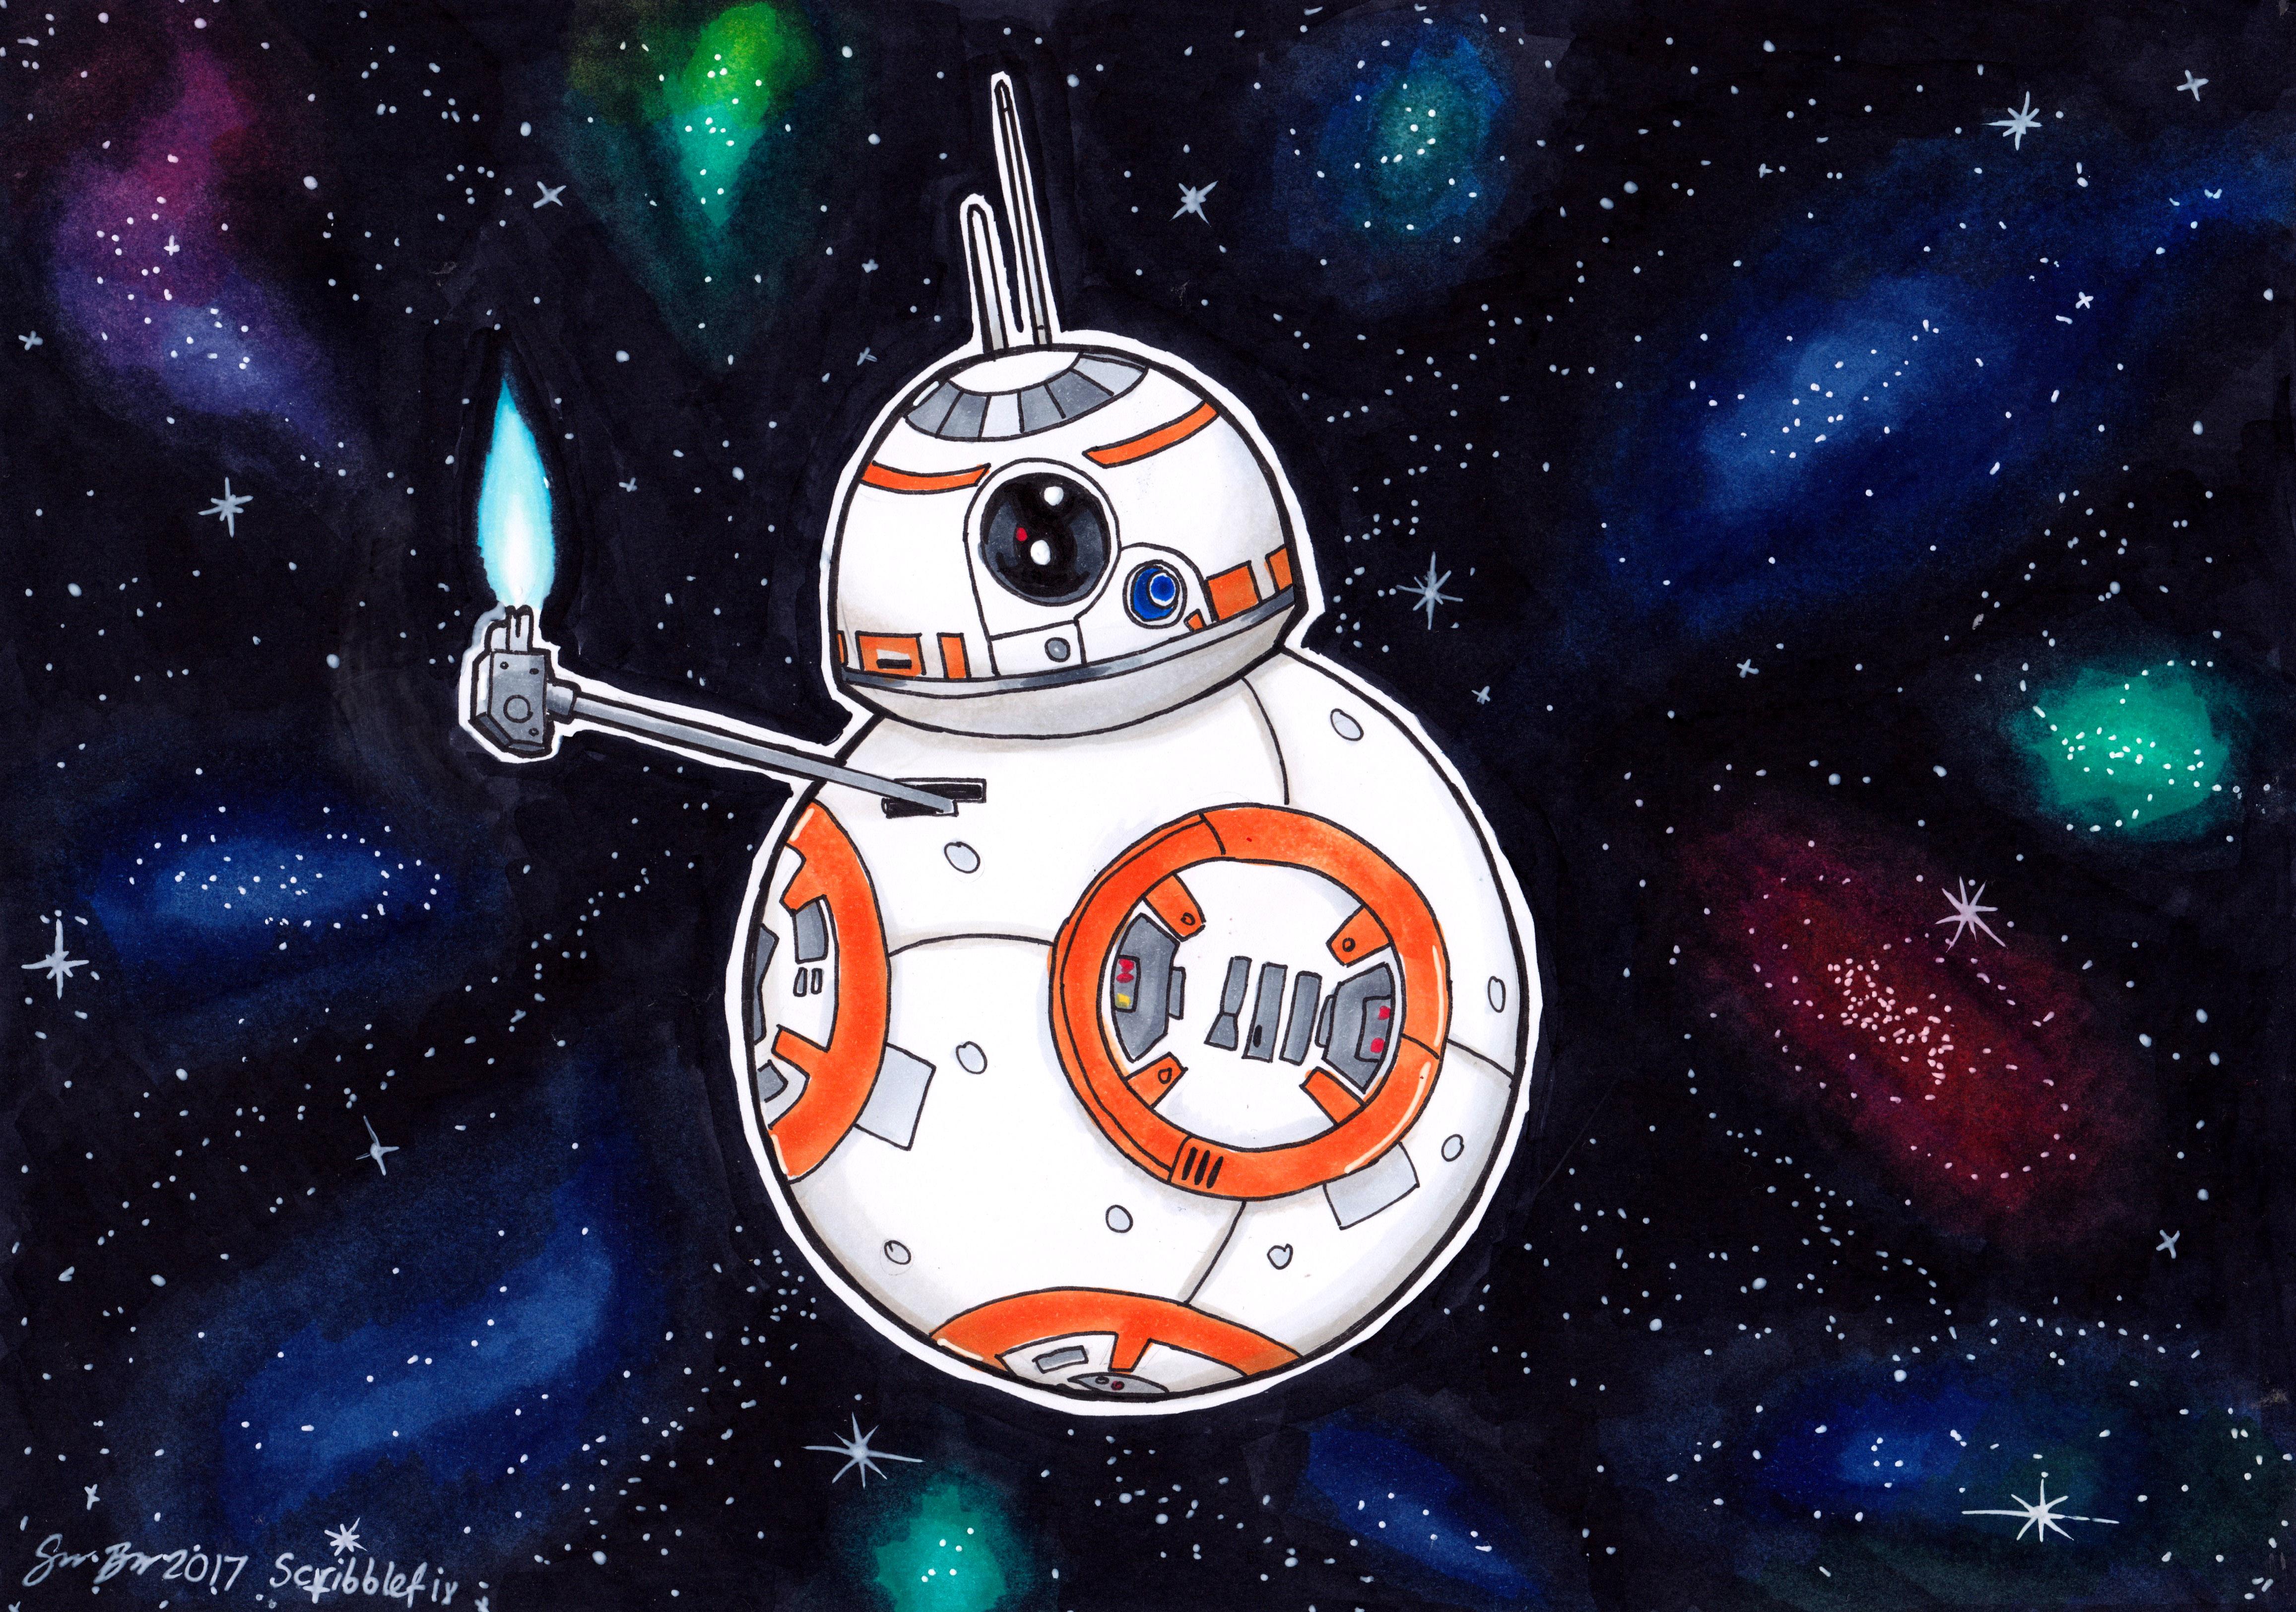 BB8 fan art for STAR WARS DAY!